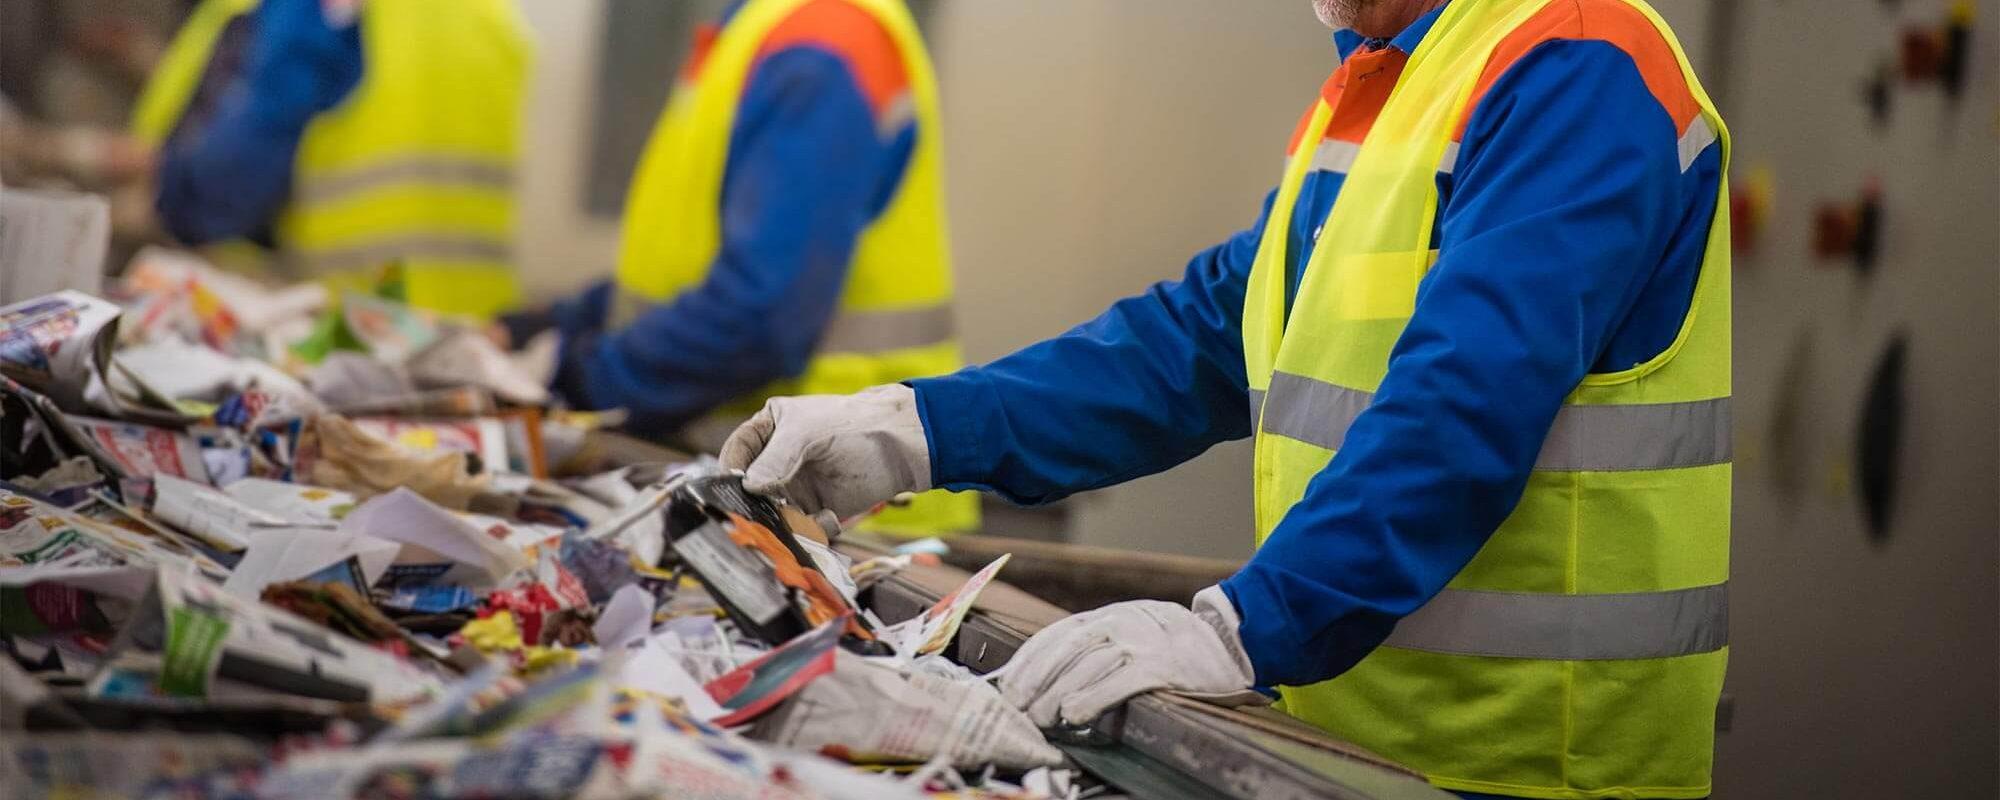 Que deviennent nos déchets une fois collectés ?